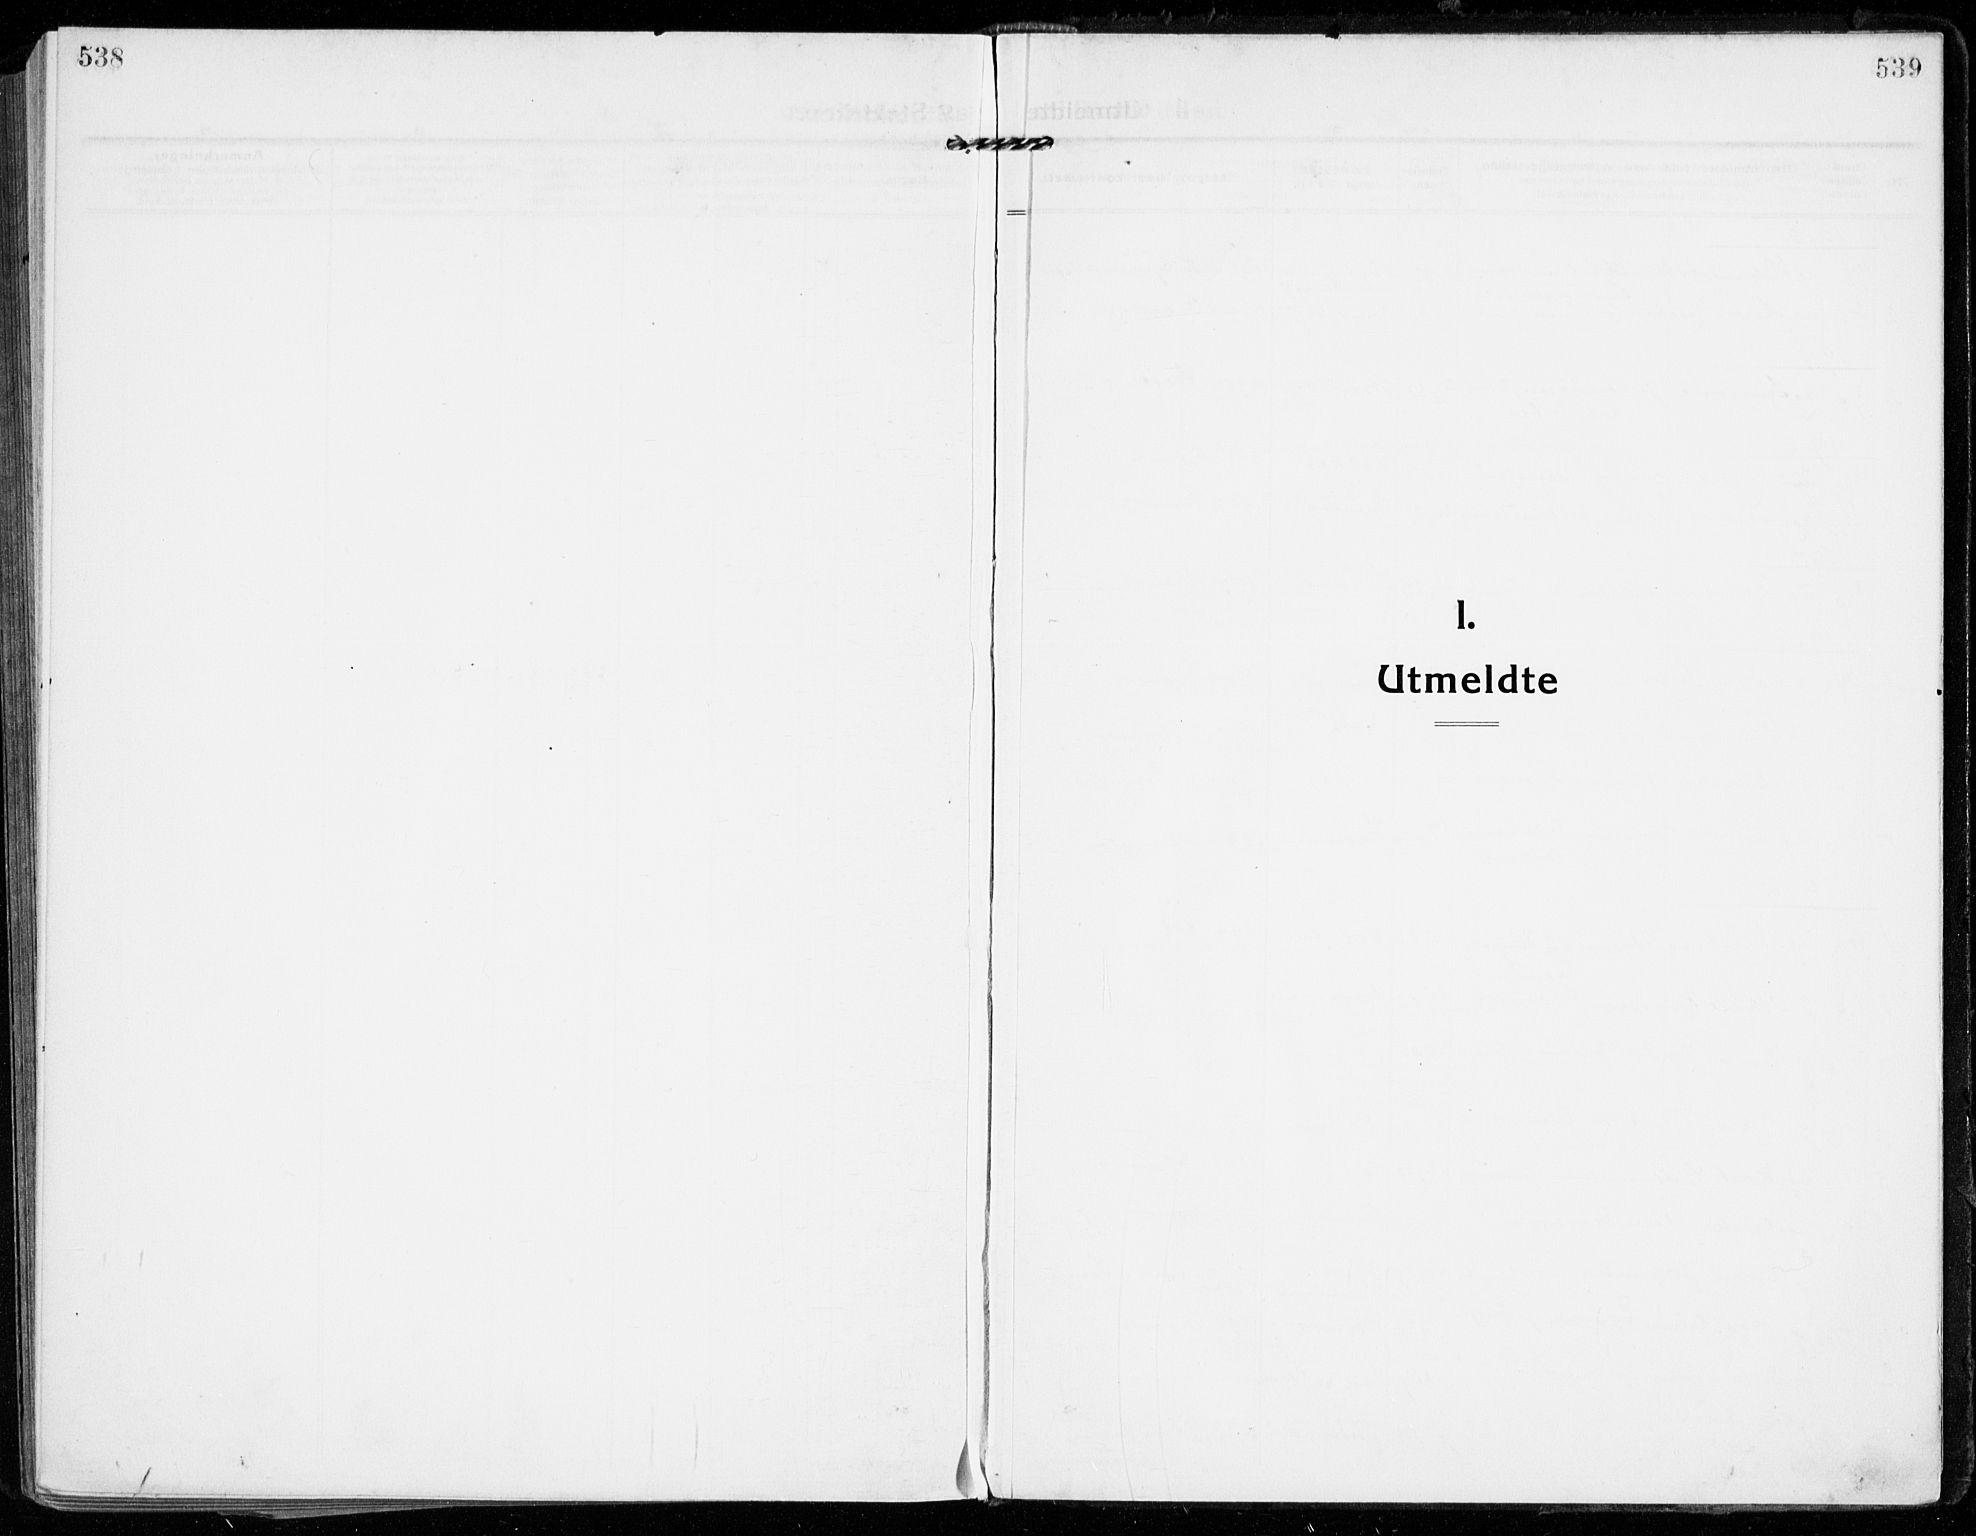 SAKO, Strømsgodset kirkebøker, F/Fa/L0002: Ministerialbok nr. 2, 1910-1920, s. 538-539